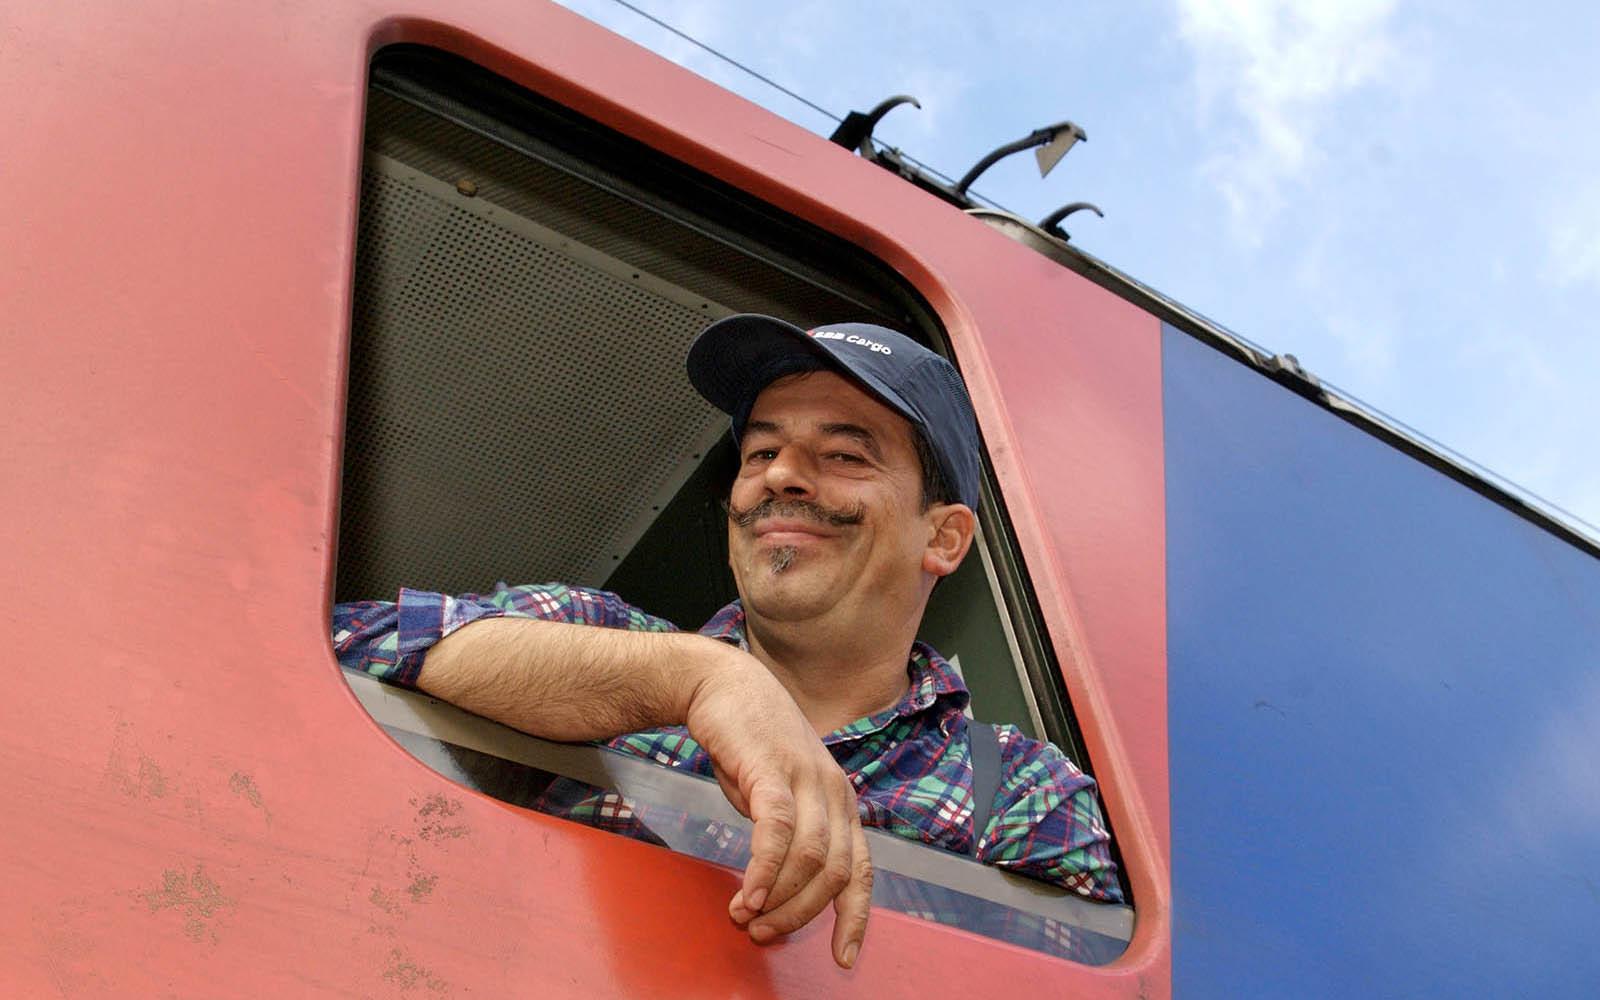 Foto: Railmen-Lokführer Steffen Mann, der mit Kamera, Stift und Notizblock überall auf der Welt auf der Suche nach spannenden Exponaten der Eisenbahngeschichte ist.